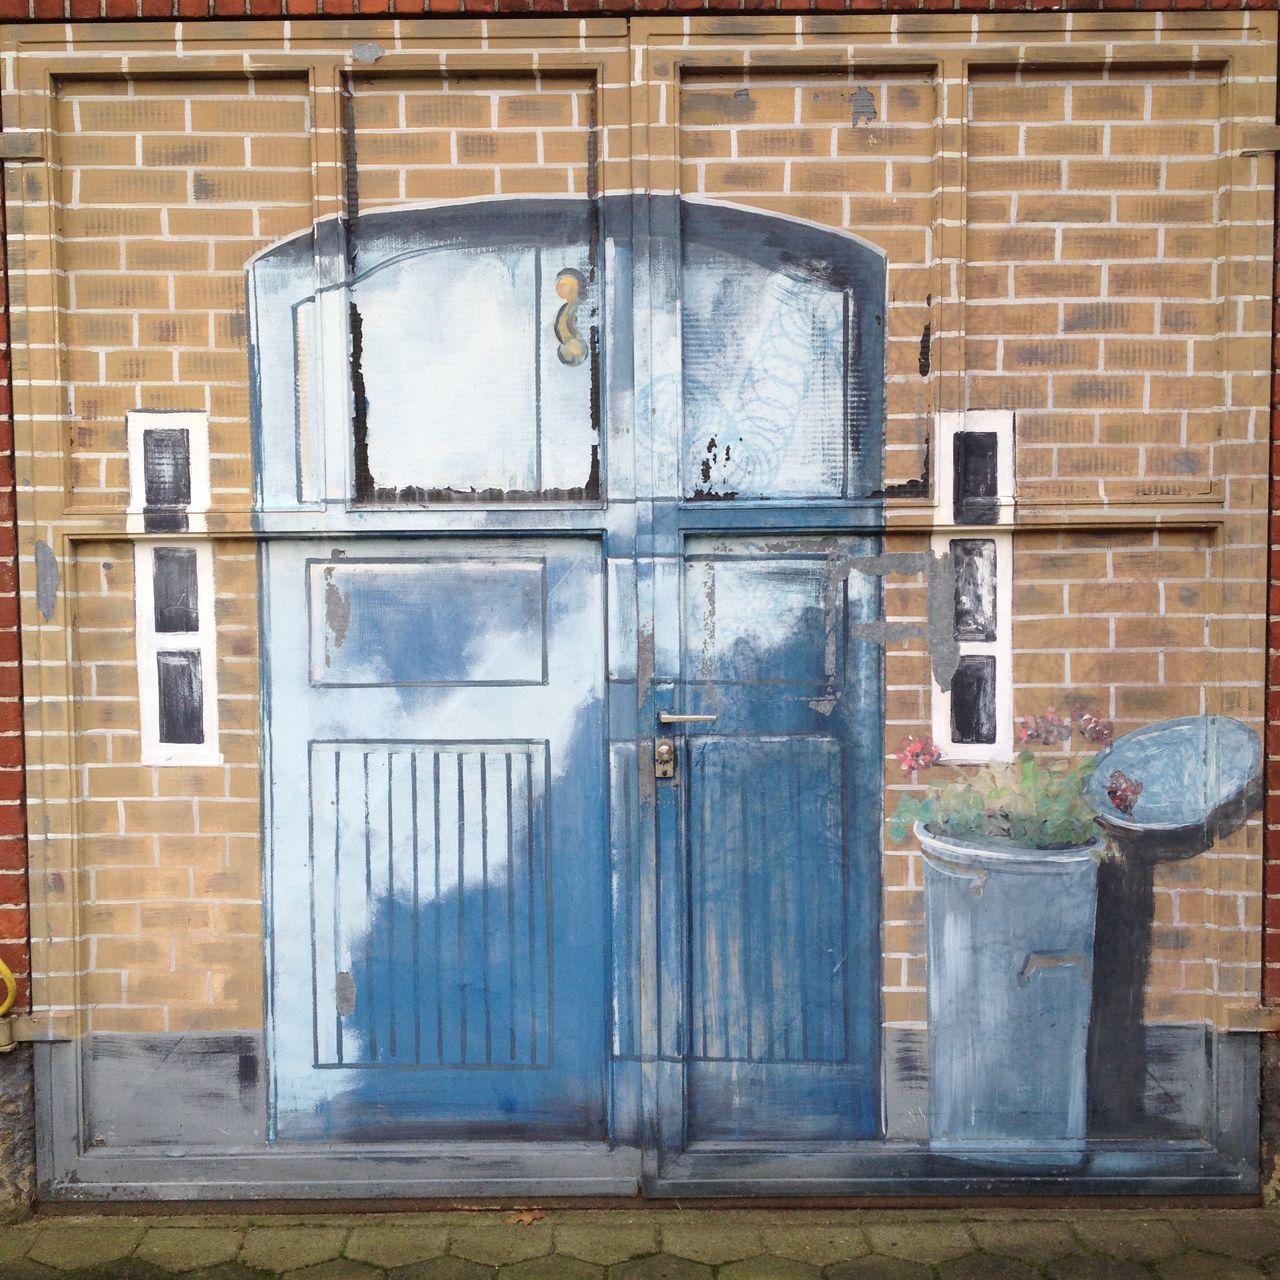 Brick Wall Building Exterior House Optische Täuschung Outdoors Wandbild Wandmalerei Weathered